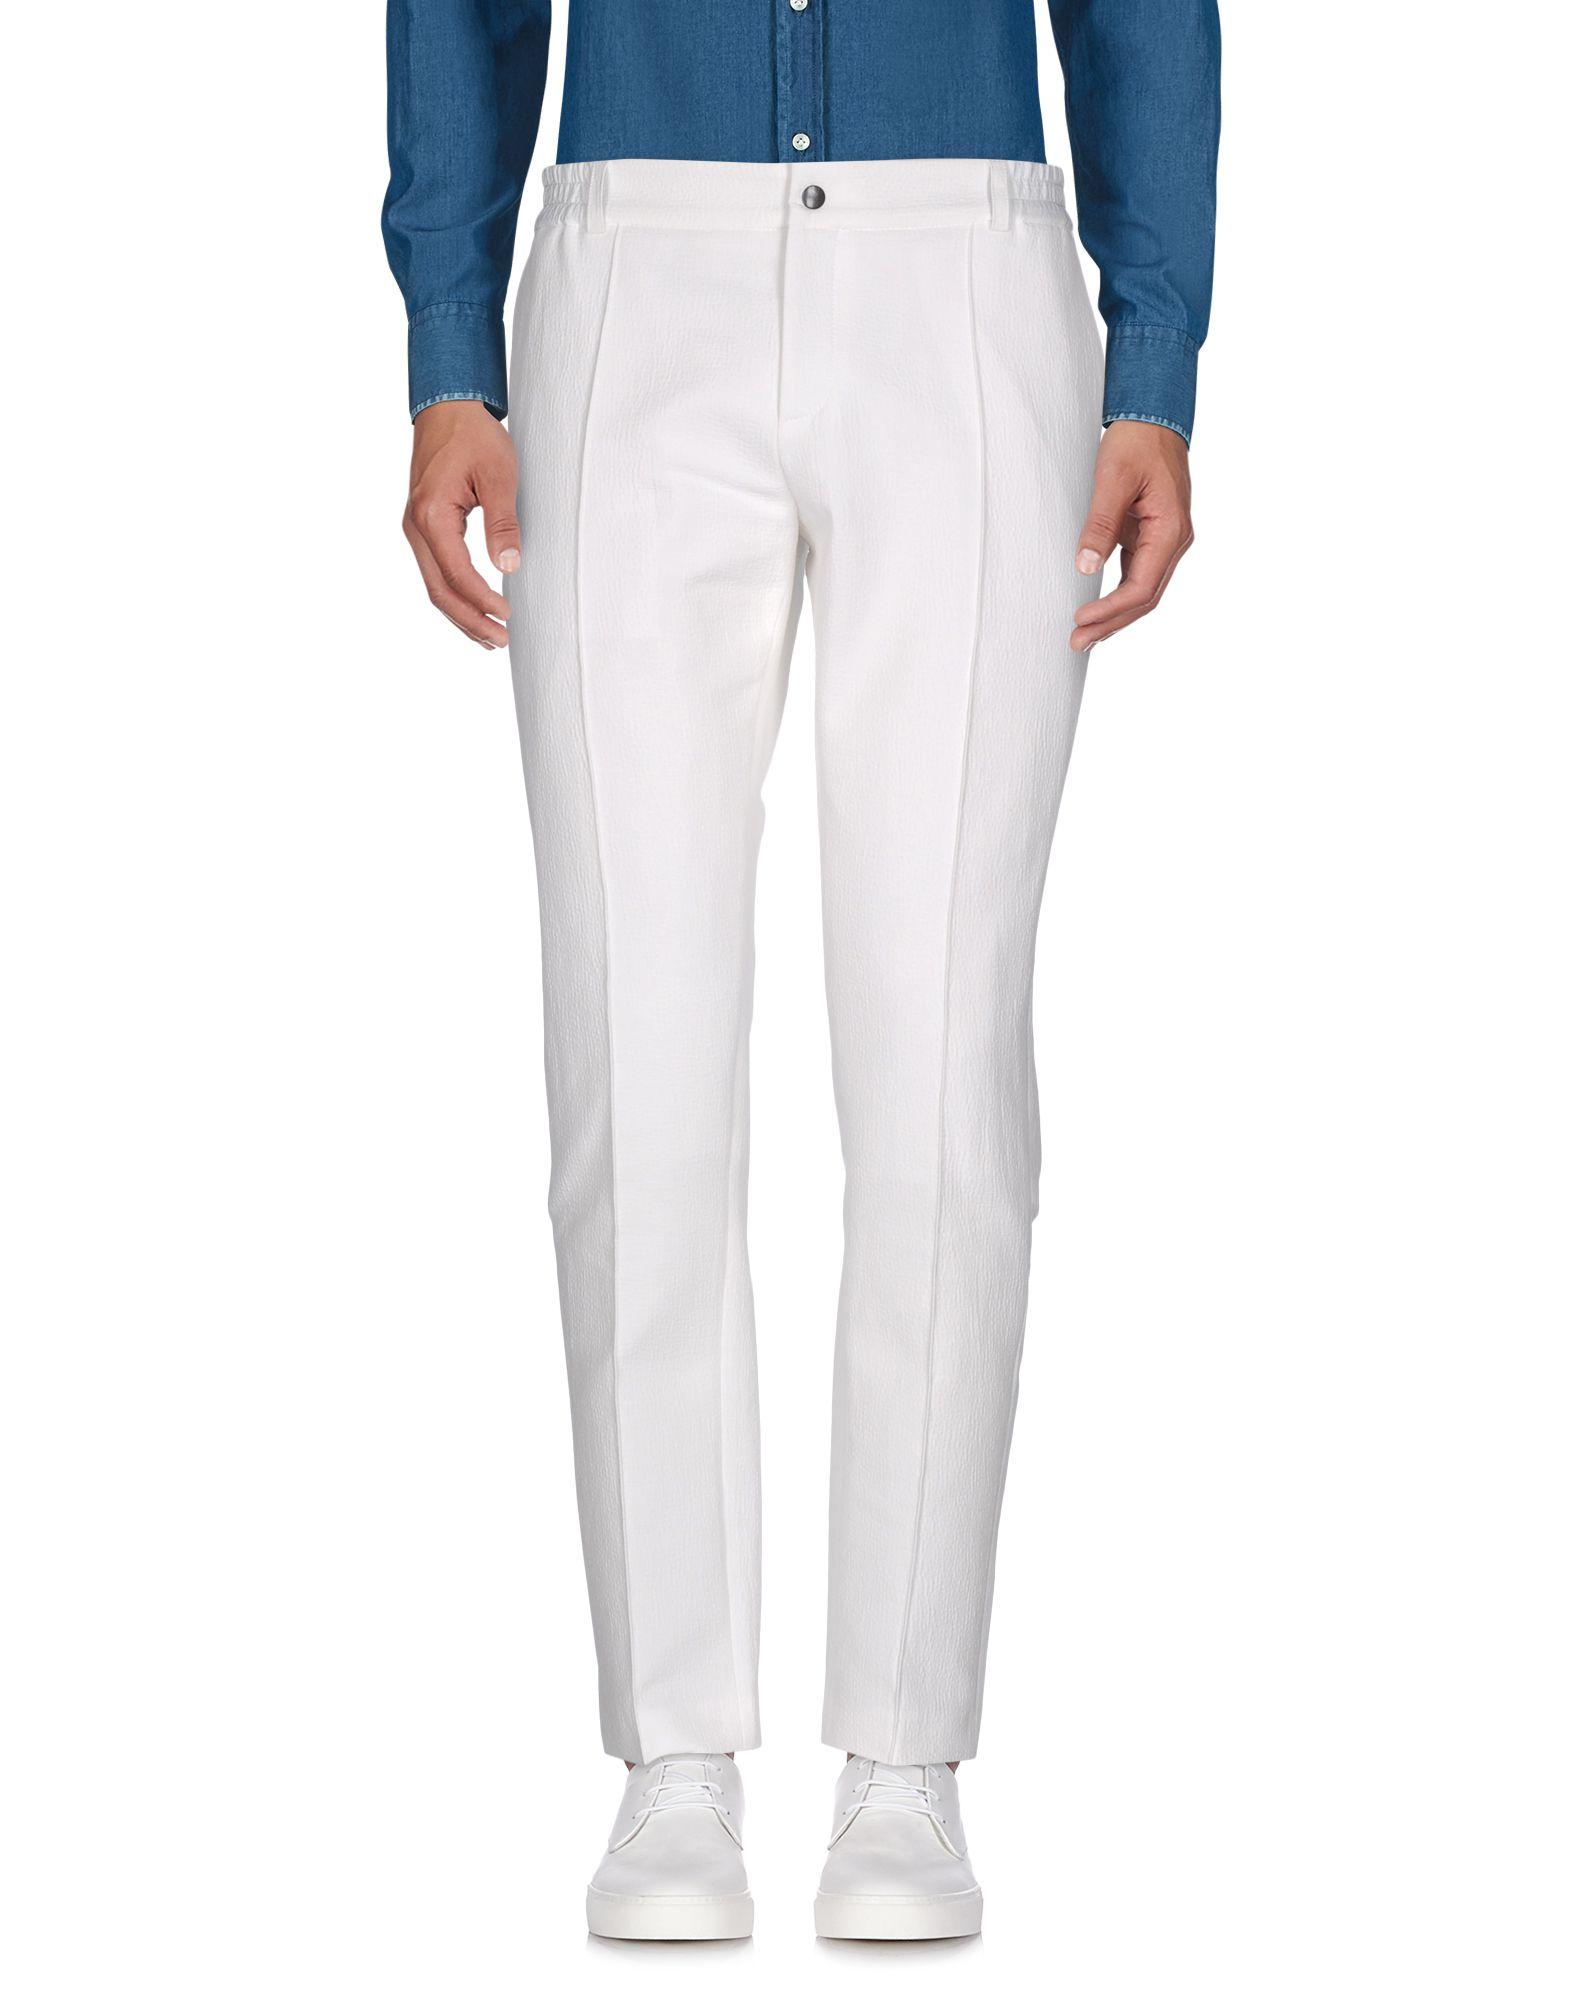 цены на SOULLAND Повседневные брюки в интернет-магазинах